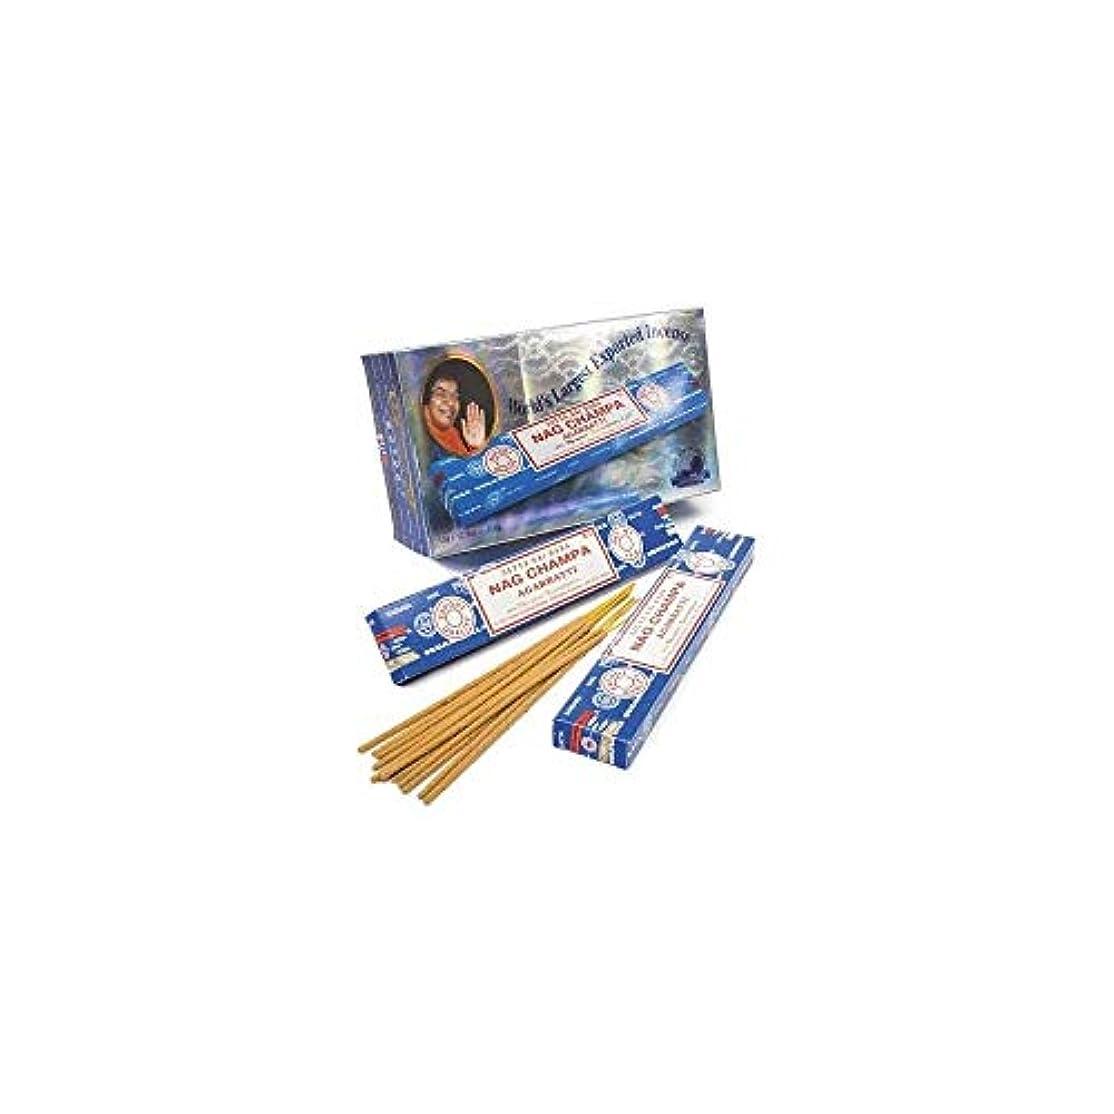 スーパーバイアスマークBox Of 12 Packs Of 15g Nag Champa Incense Sticks By Satya